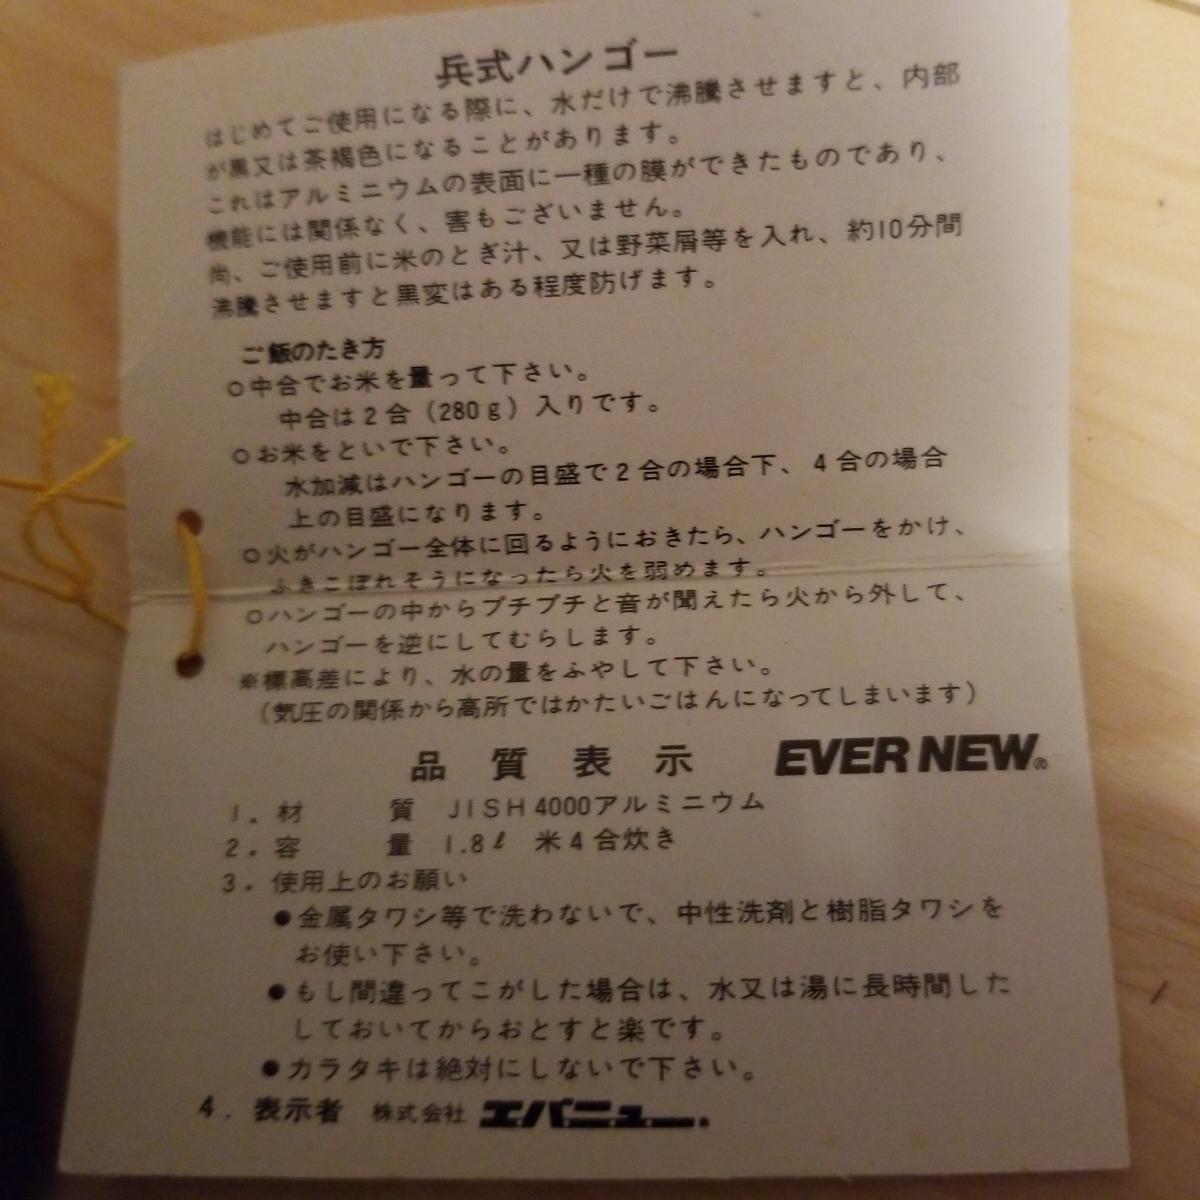 送料無料 未使用 飯盒 はんごう ハンゴー エバニューキャンプ _画像3